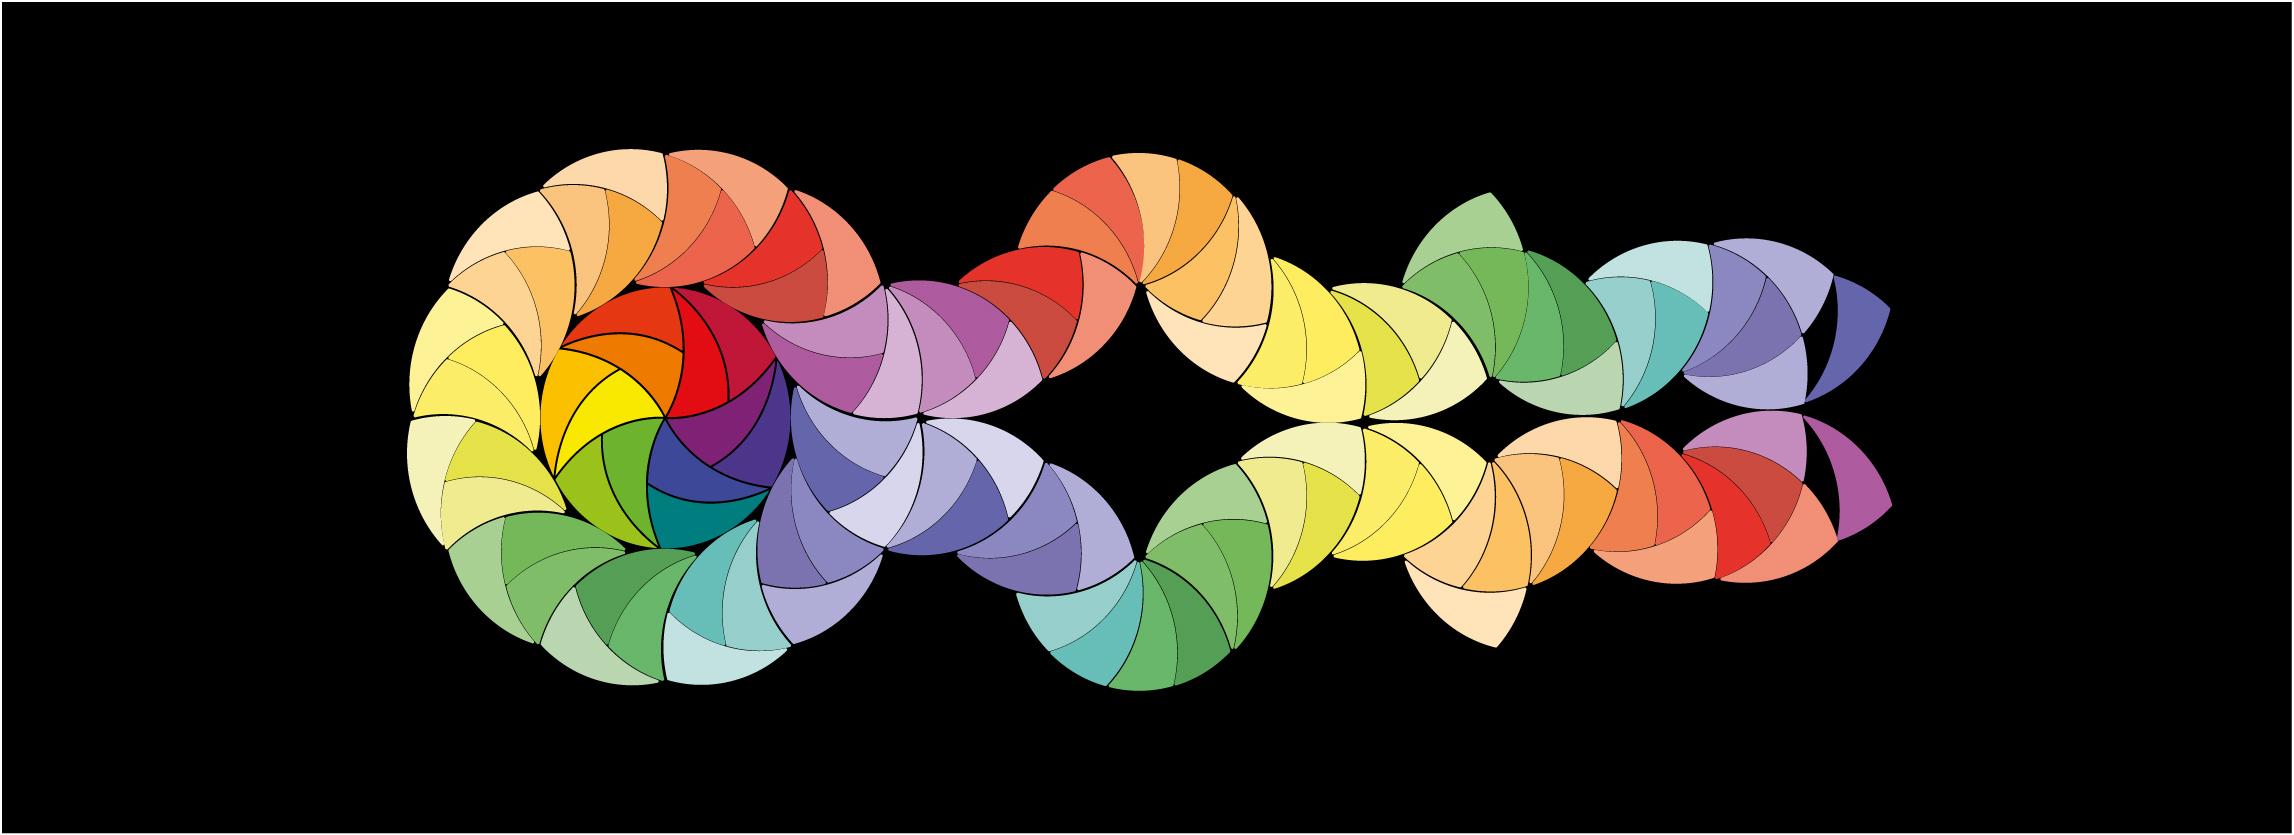 色彩是我们的事业